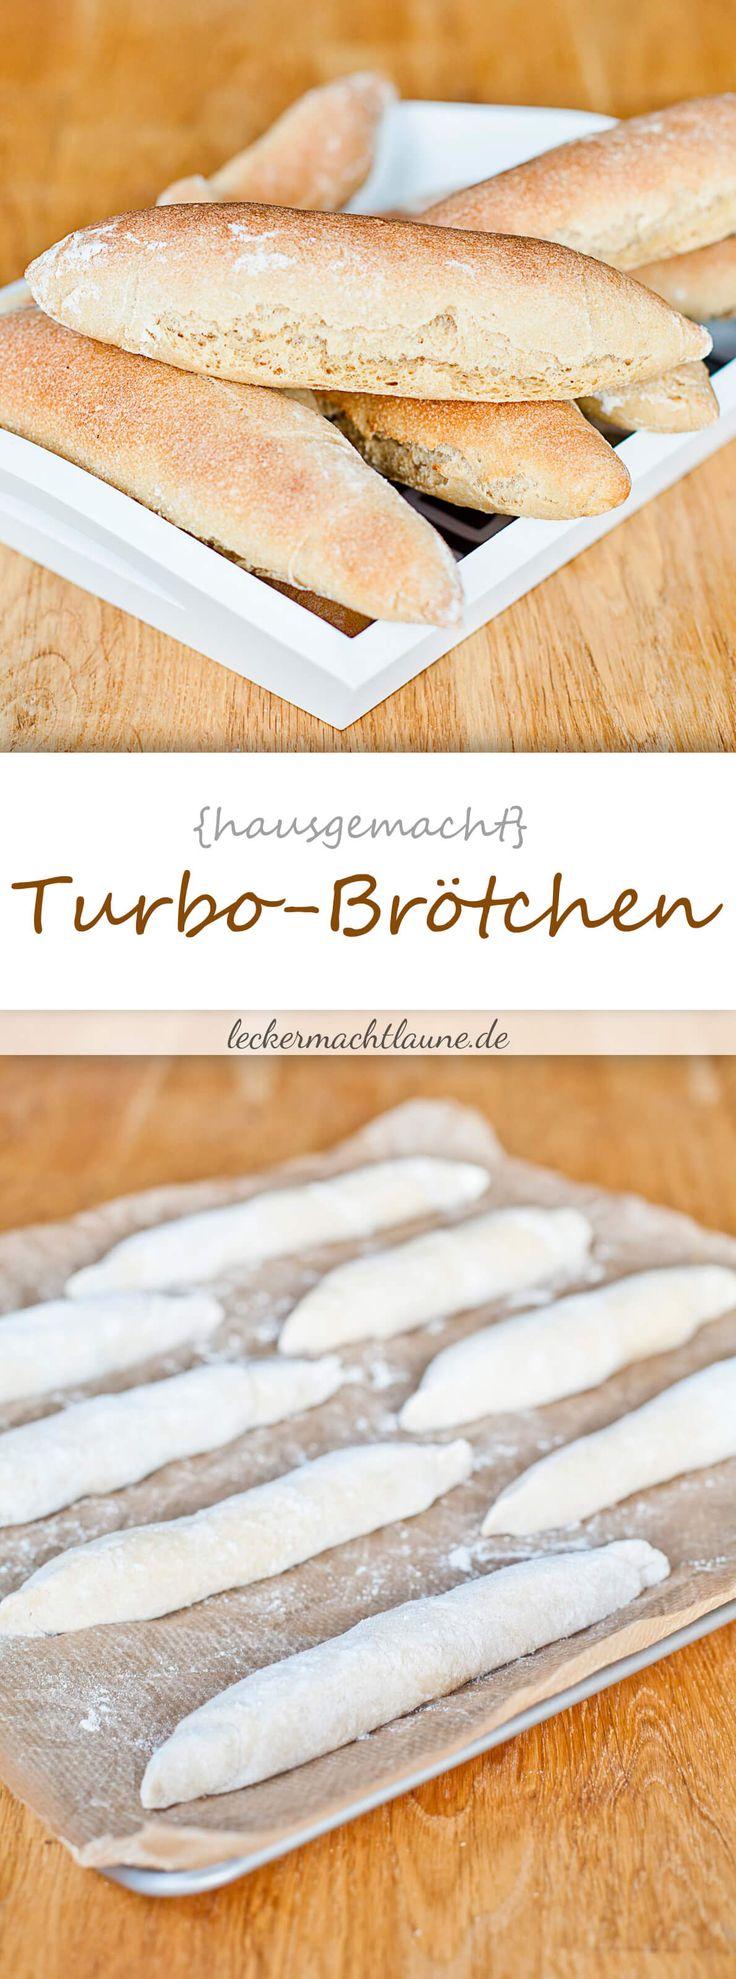 Nach insgesamt nur eineinhalb Stunden stehen diese Turbo-Brötchen auf dem Frühstückstisch. Schnell und praktisch, nicht wahr?